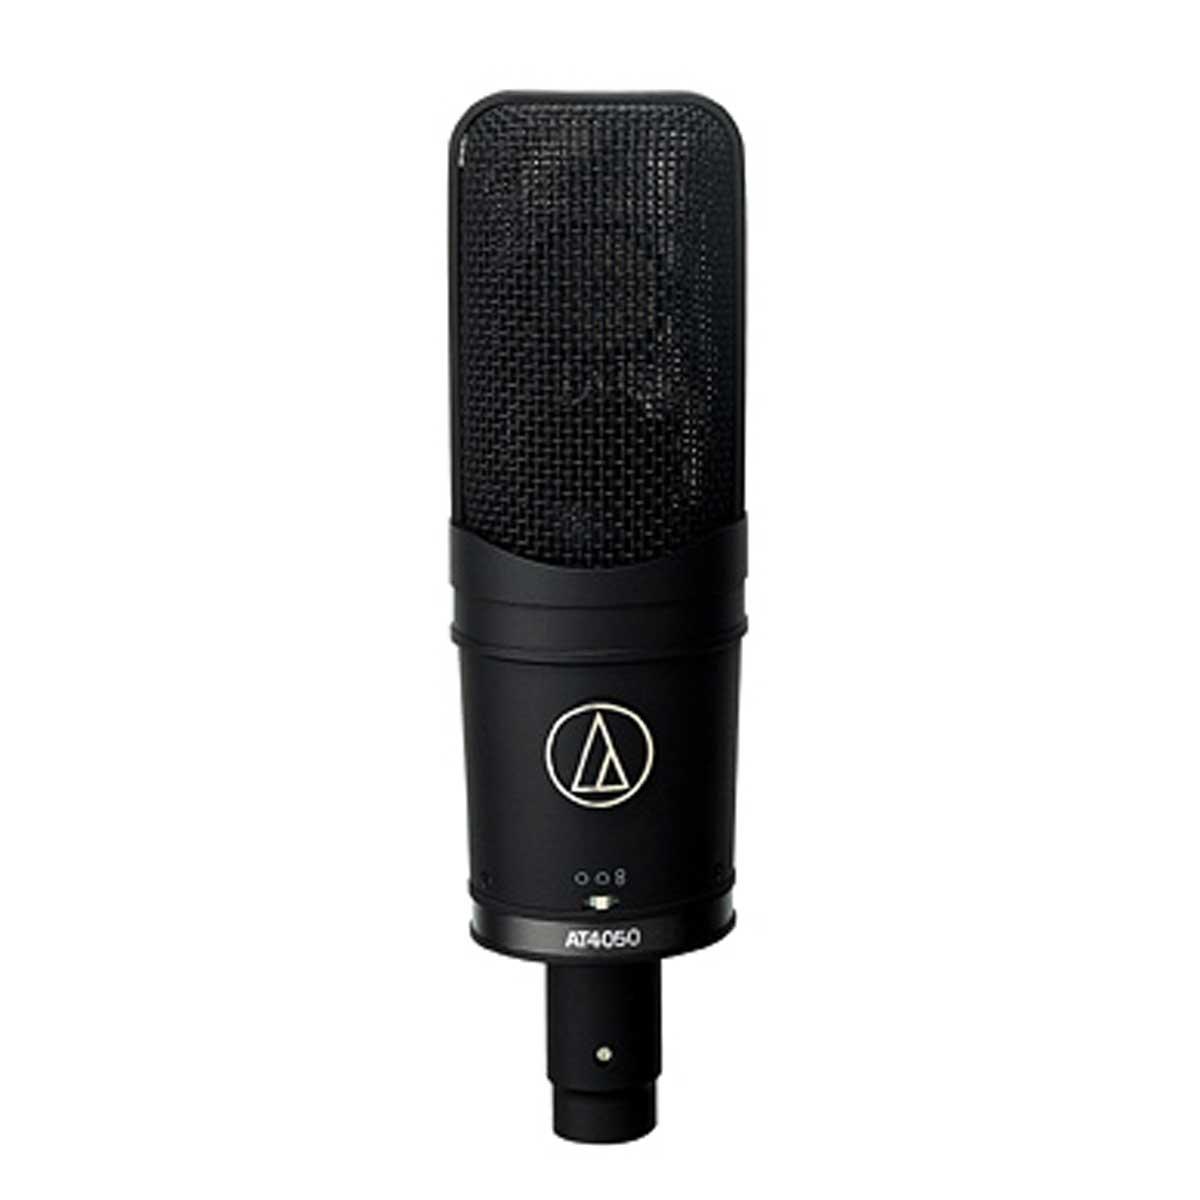 【在庫あり】audio-technica オーディオテクニカ / AT4050 コンデンサーマイクロフォン (ショックマウント:AT8449a付属)